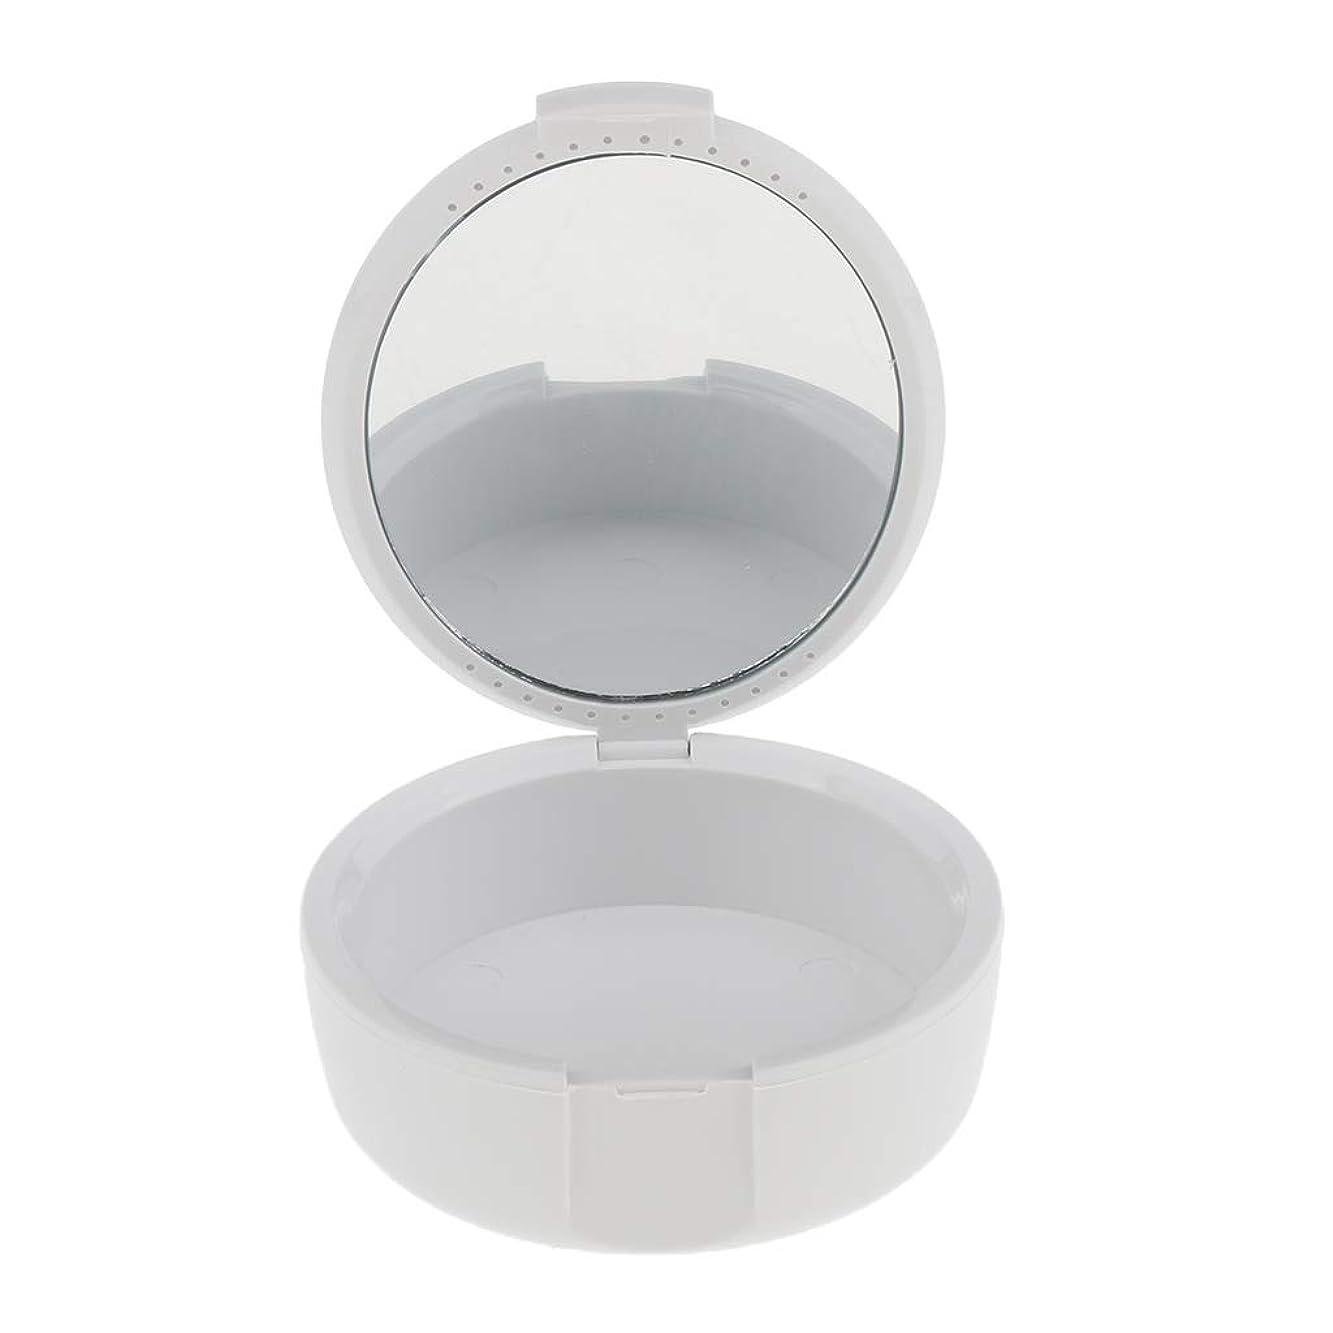 カウンターパート変形眠りD DOLITY 義歯ケース マウスガードケース ミラー付き 便利 2色選べ - 白